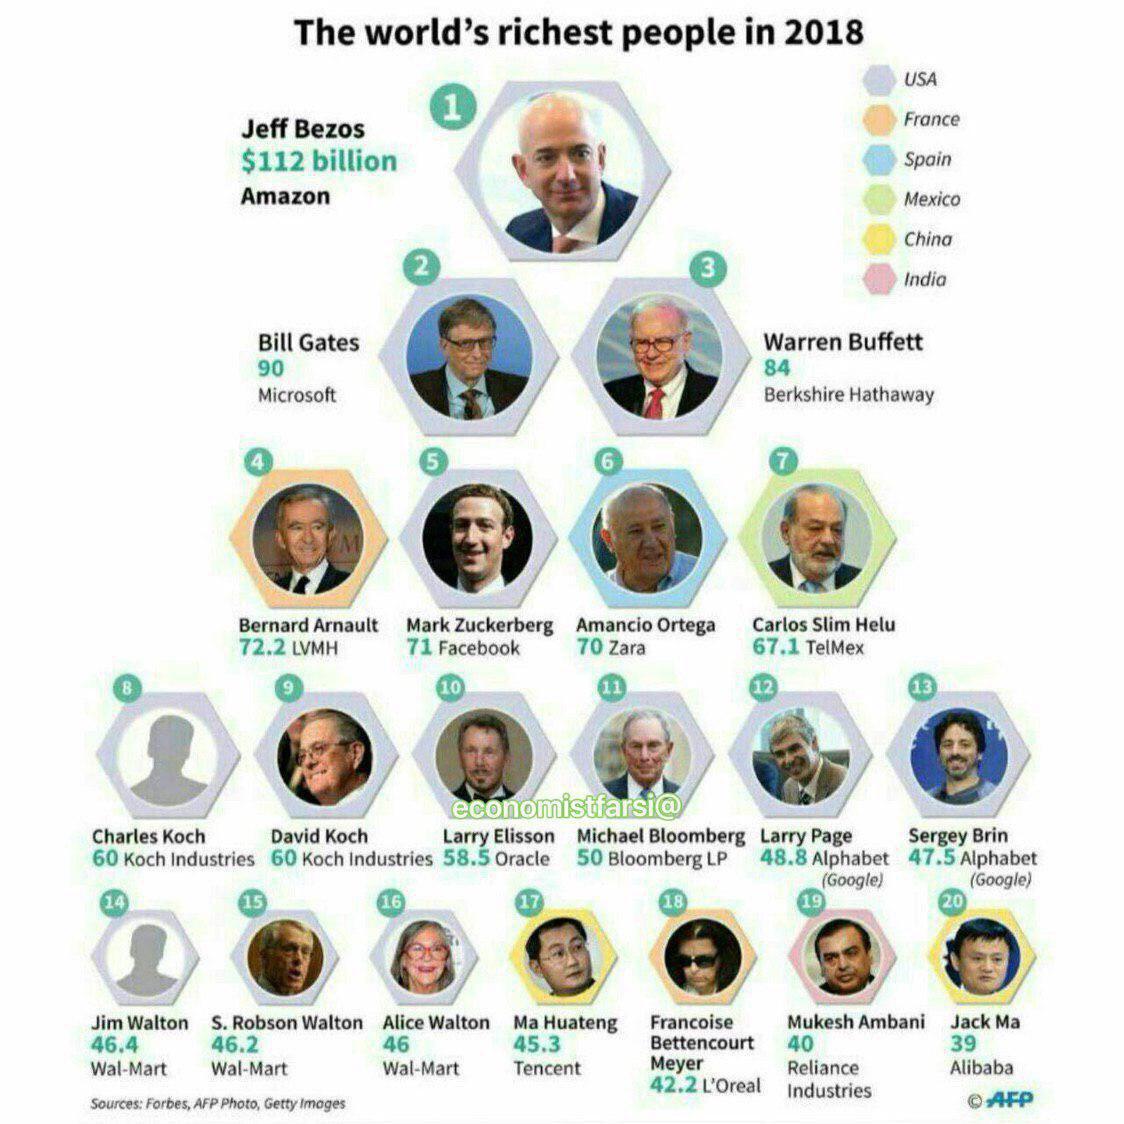 ثروتمندترین افراد جهان در سال ۲۰۱۸